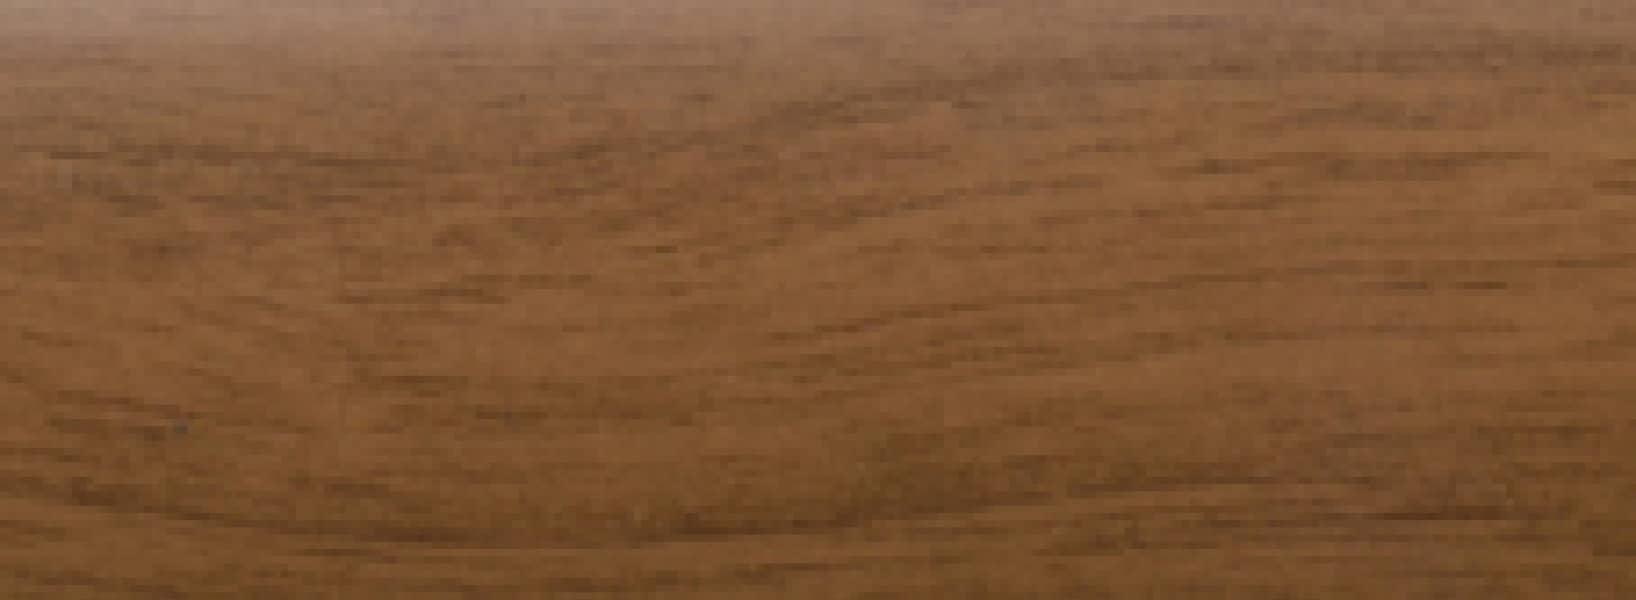 Drewnopodobny Nr koloru 50095 (Dopłata 80%)